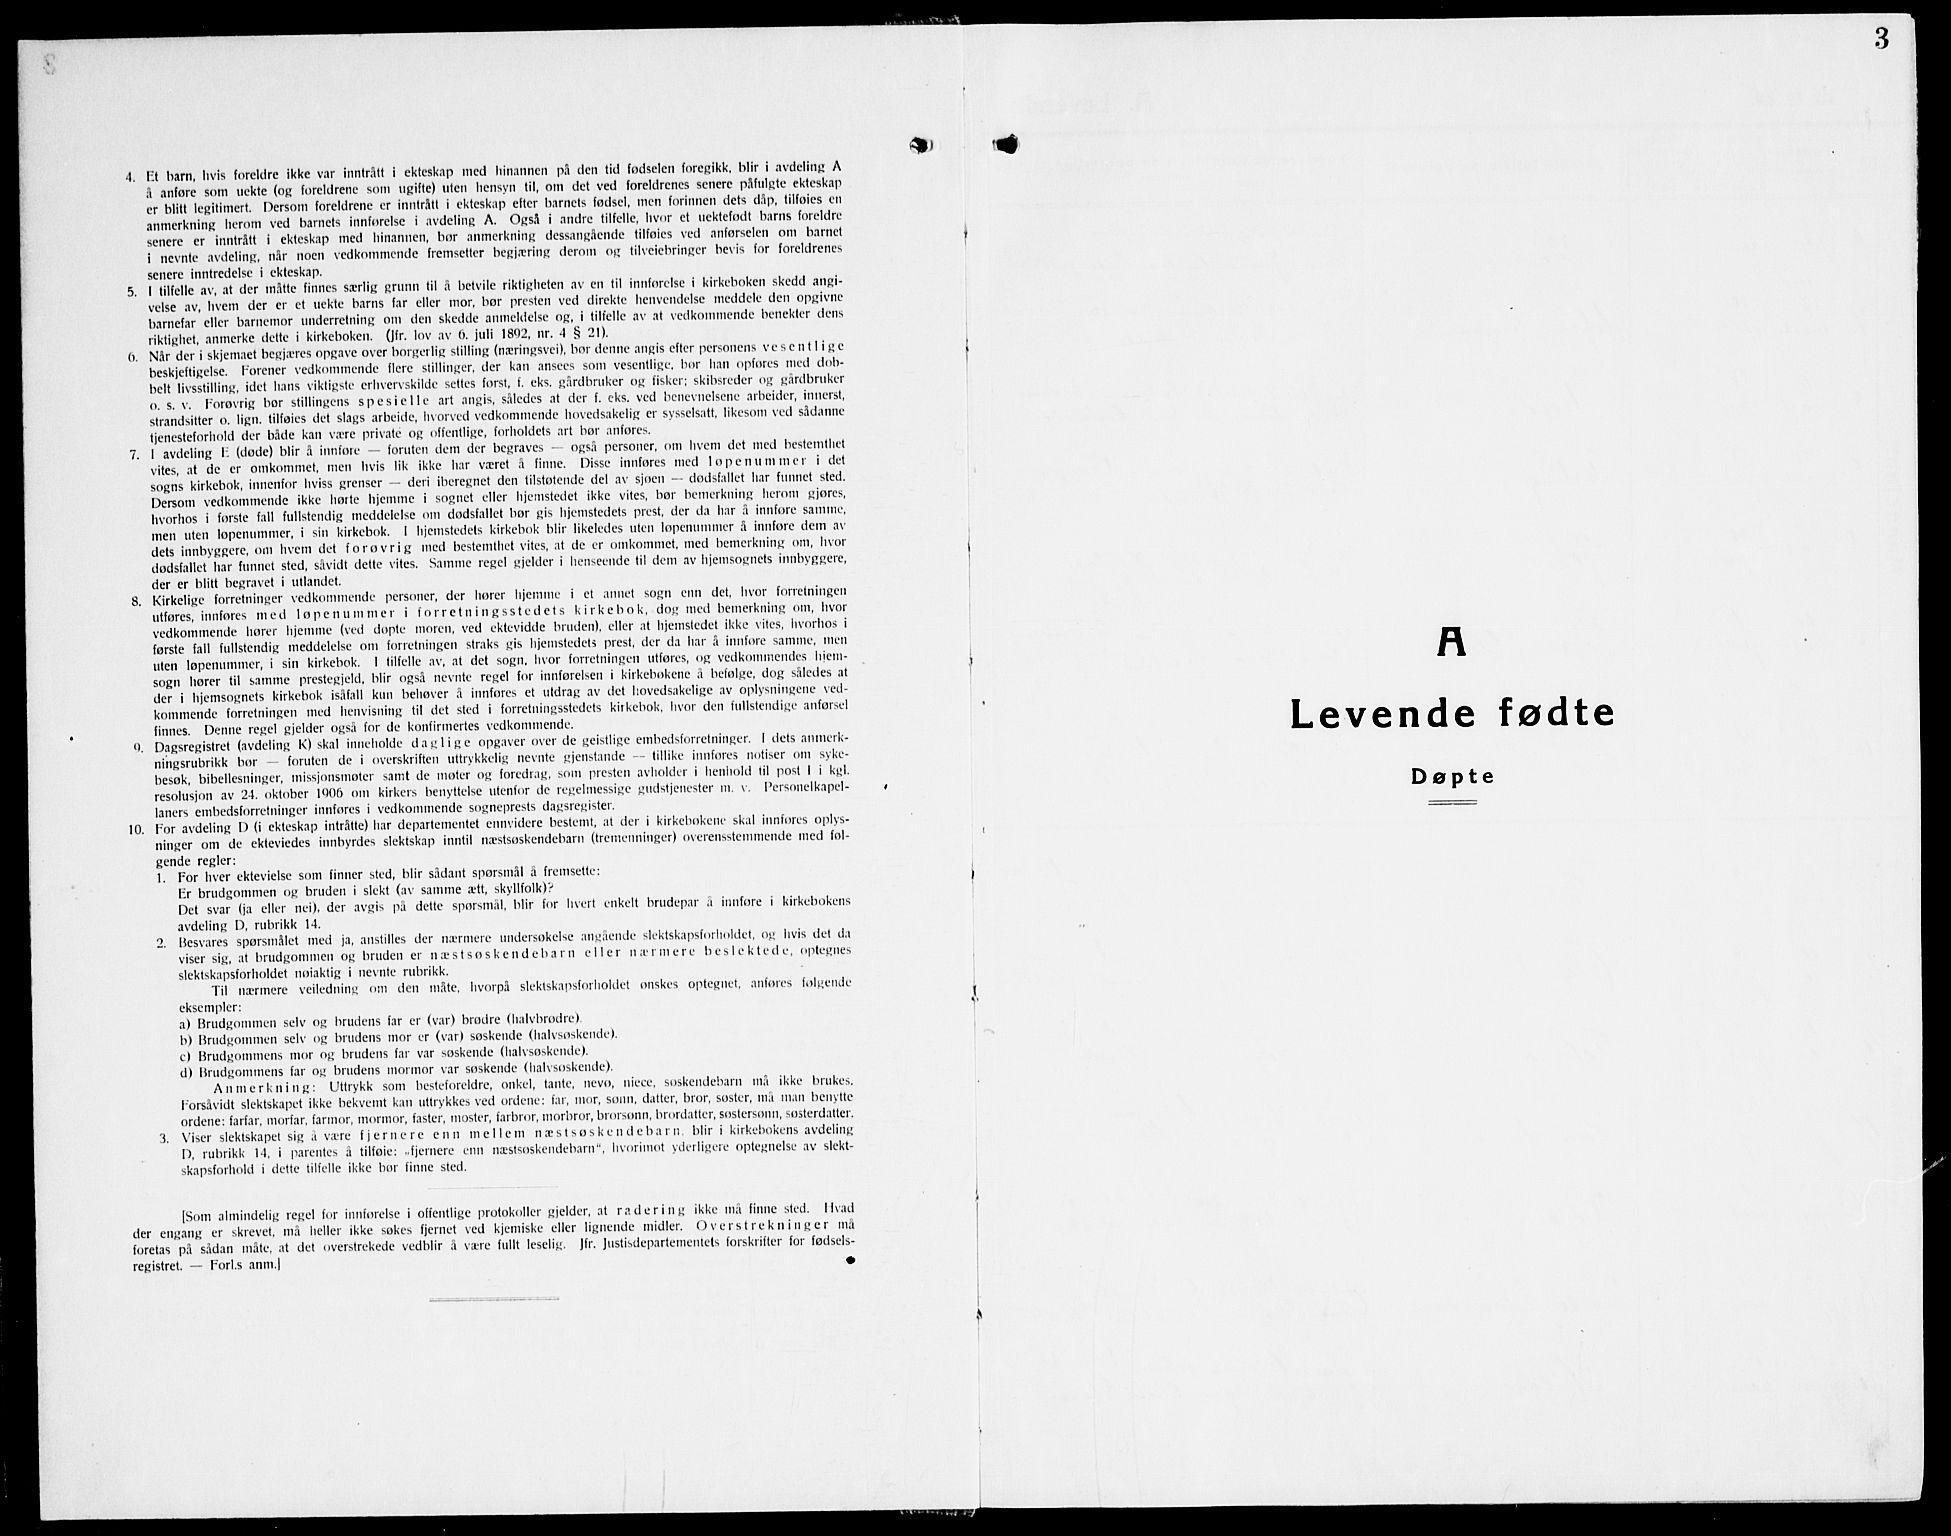 SAT, Ministerialprotokoller, klokkerbøker og fødselsregistre - Nord-Trøndelag, 741/L0403: Ministerialbok nr. 741C04, 1925-1944, s. 3